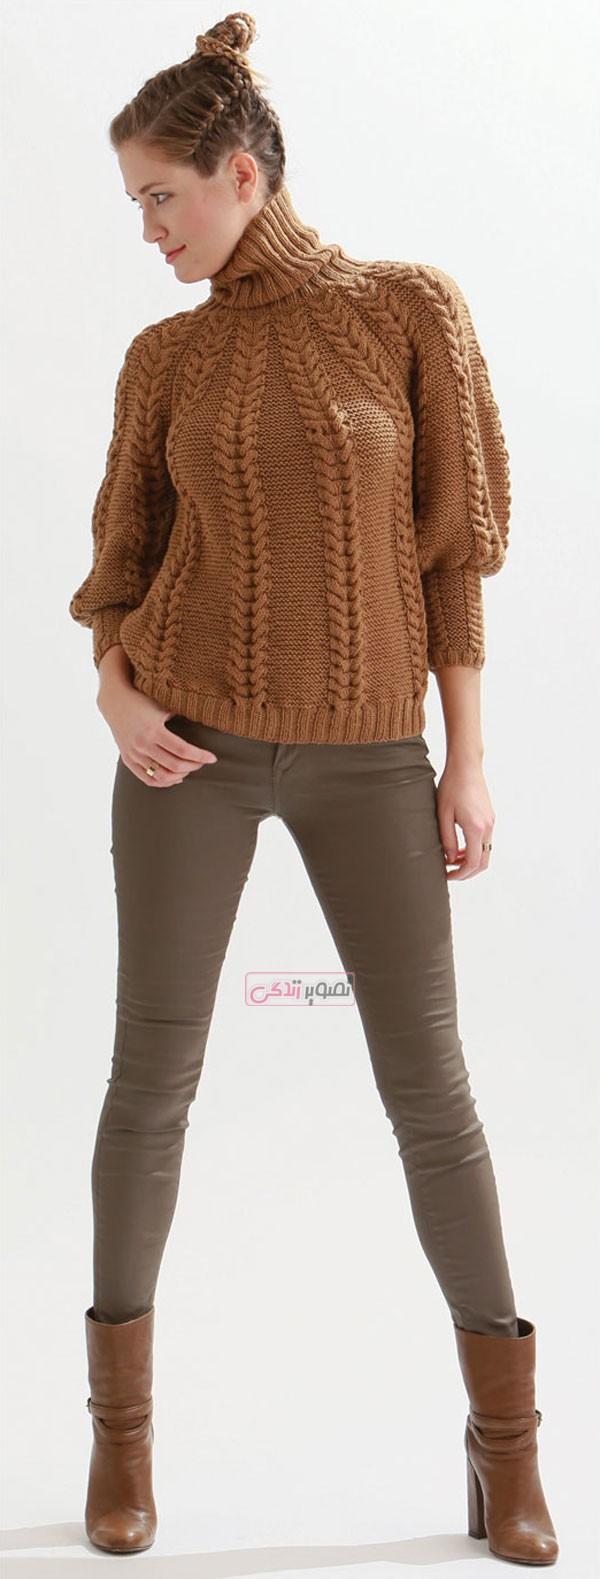 مدل لباس دستباف زنانه - لباس بافتنی دخترانه - مدل لباس زمستانی